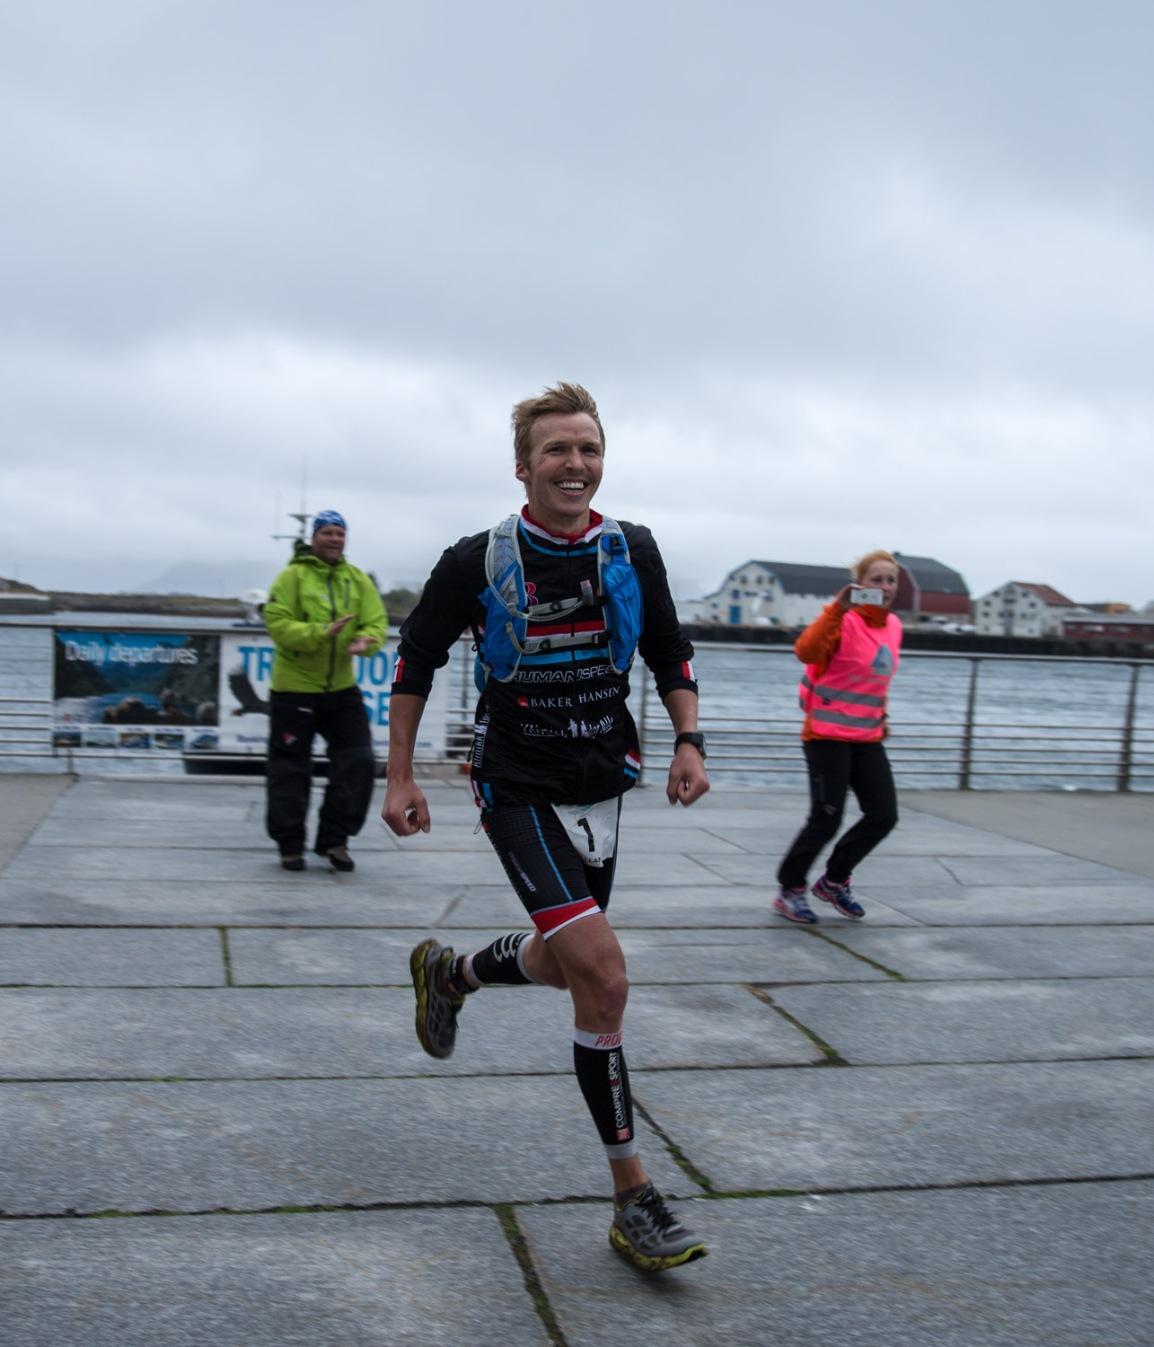 Lofoten Triathlon - Triallan - Allan Hovda - TheArcticTriple - Svolvær-4